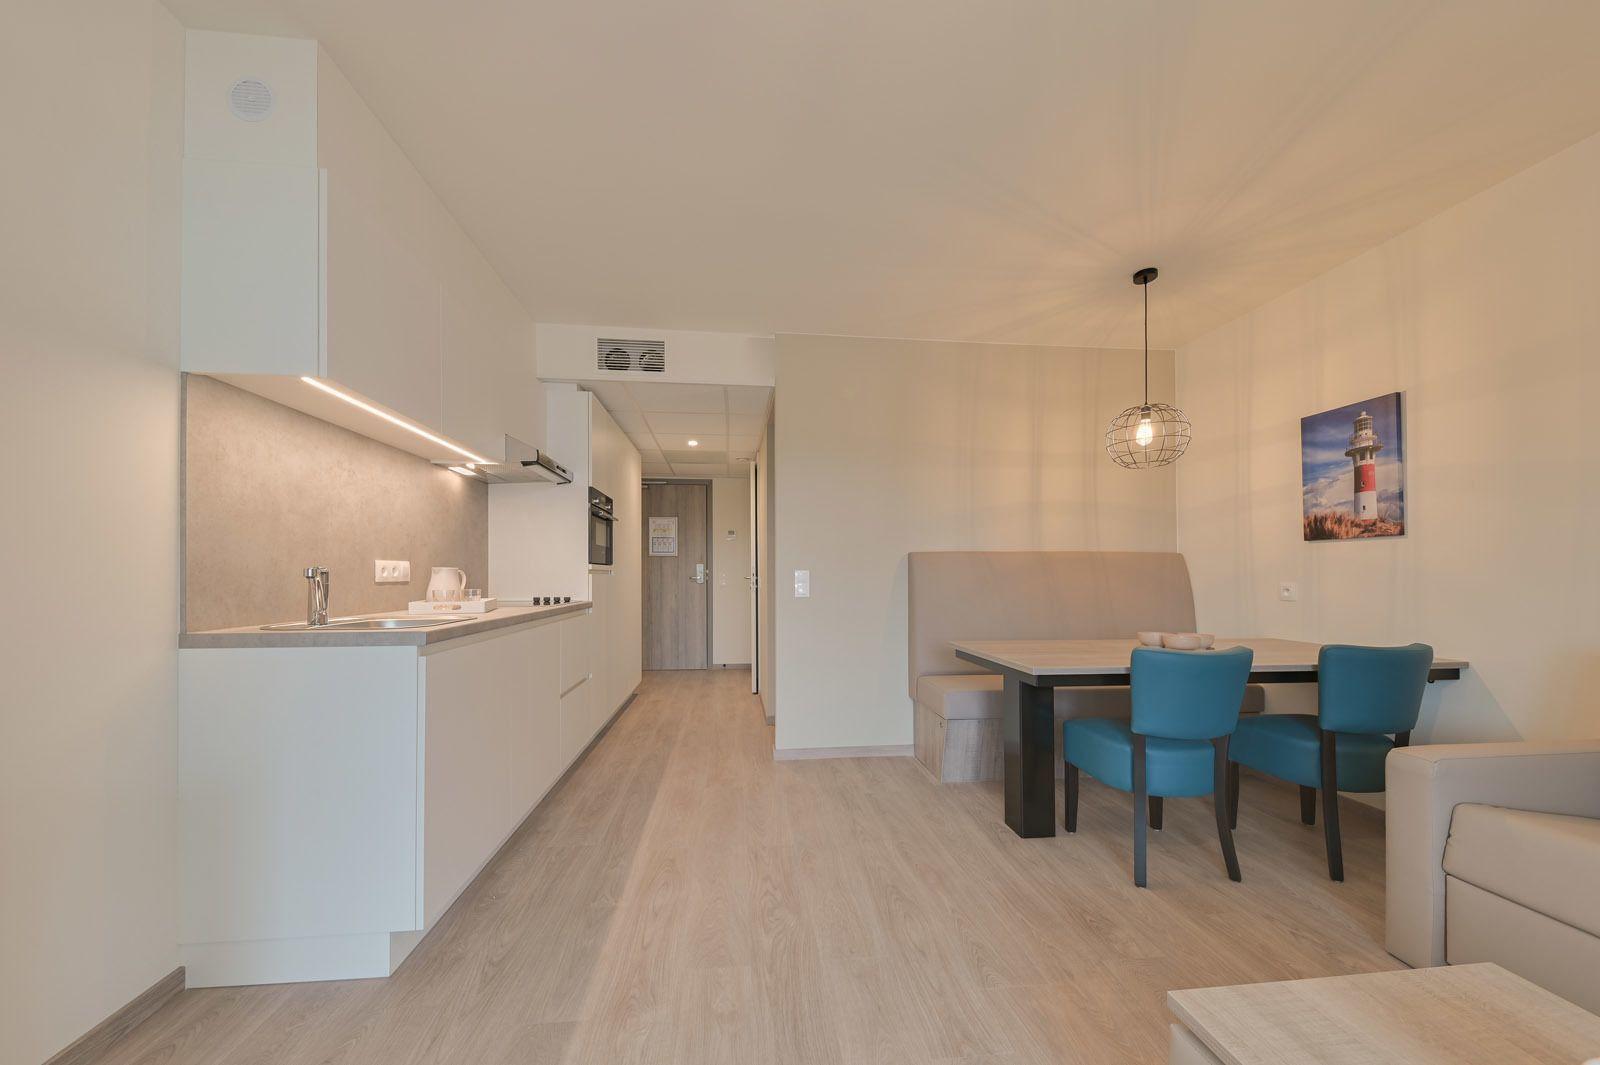 Nouveau logement de vacances pour 2 adultes et 3 enfants avec canapé-lit